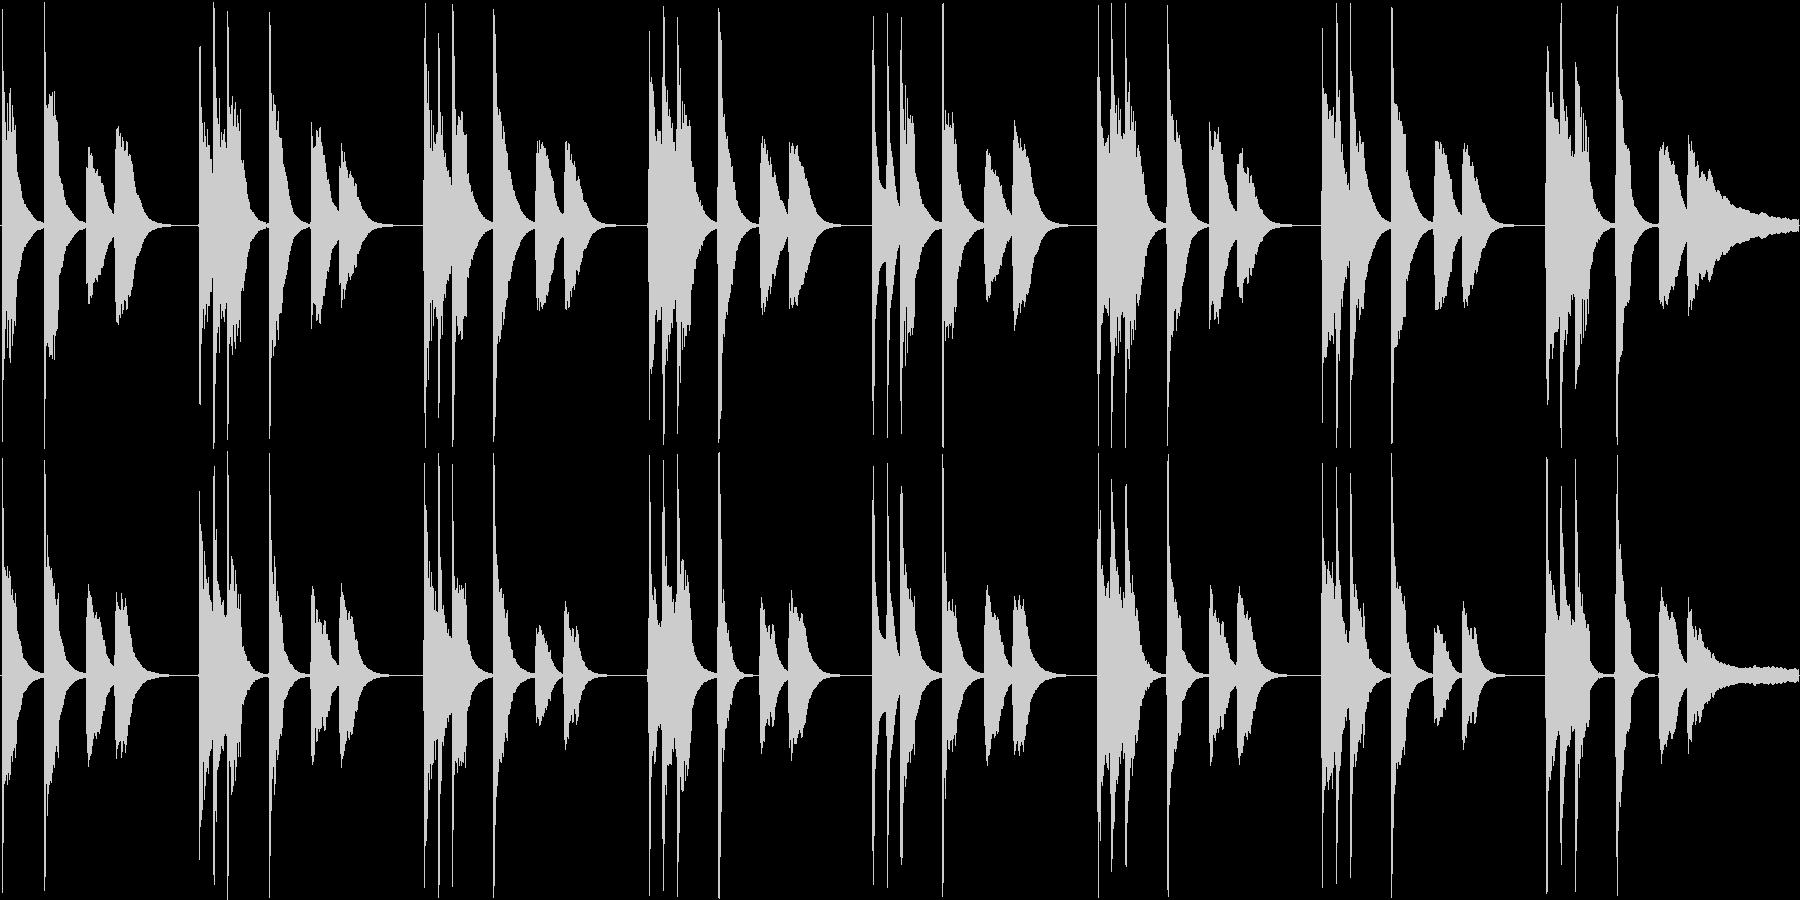 かわいらしい電子音で構成されたループ楽…の未再生の波形